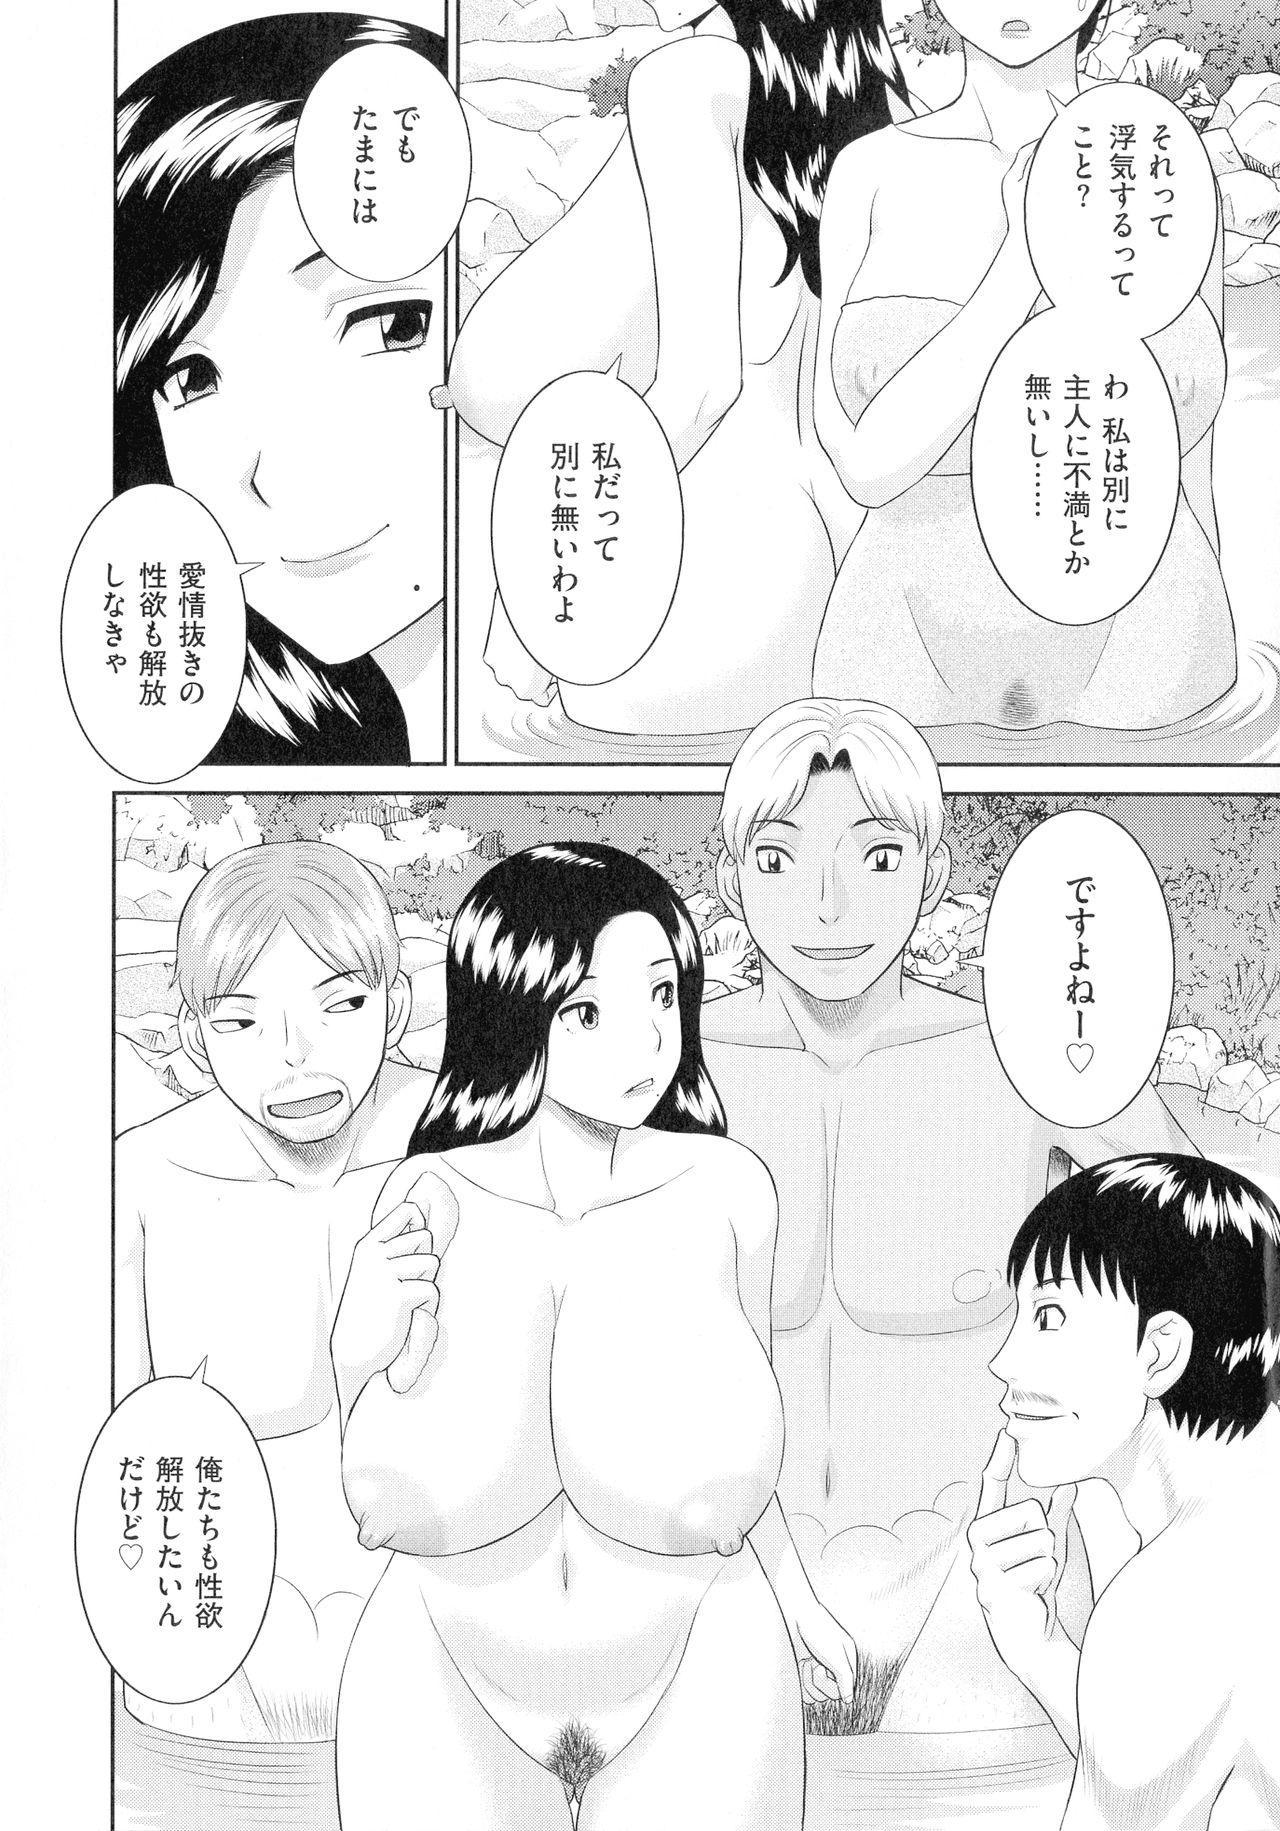 Tennen Torokeru Hatsujozuma 8